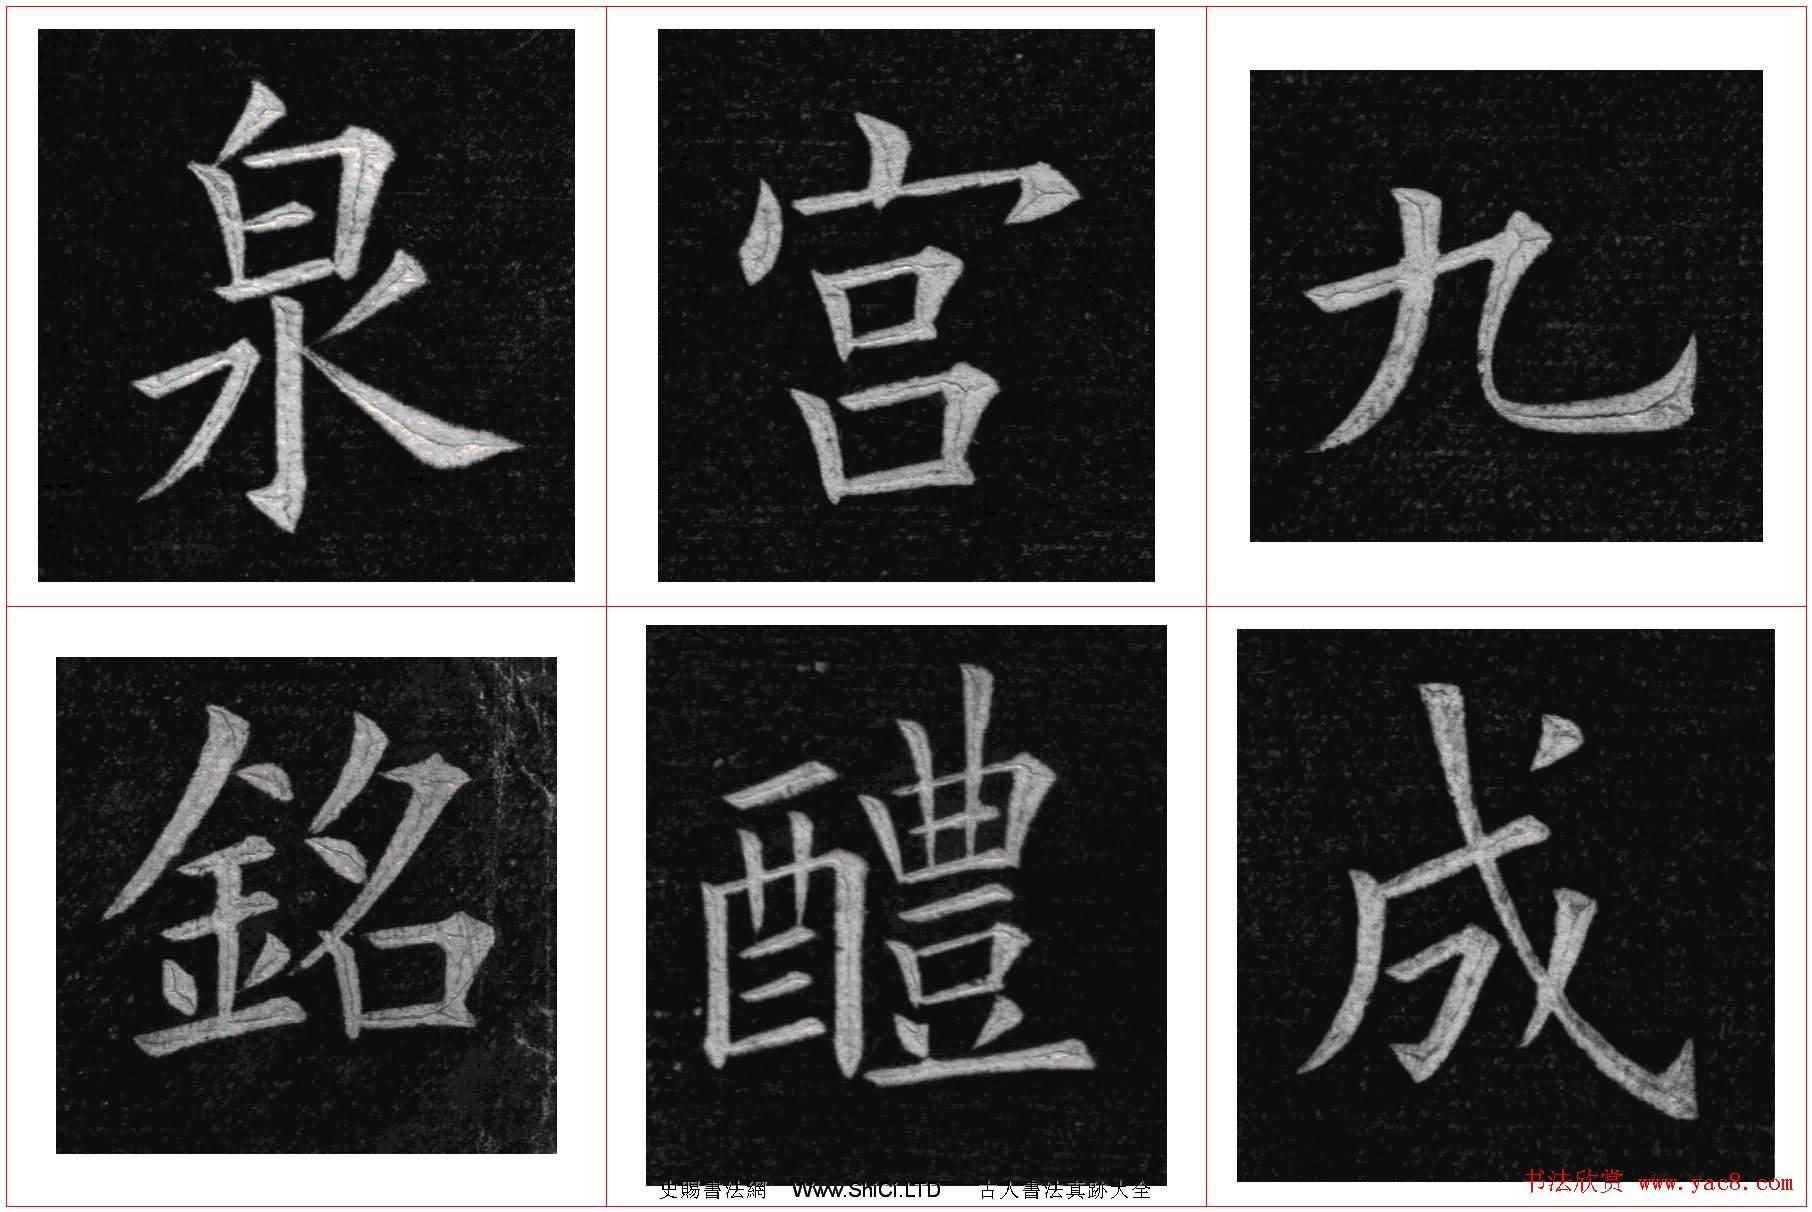 姚孟起楷書真跡欣賞《臨九成宮》高清冊頁(共90張圖片)